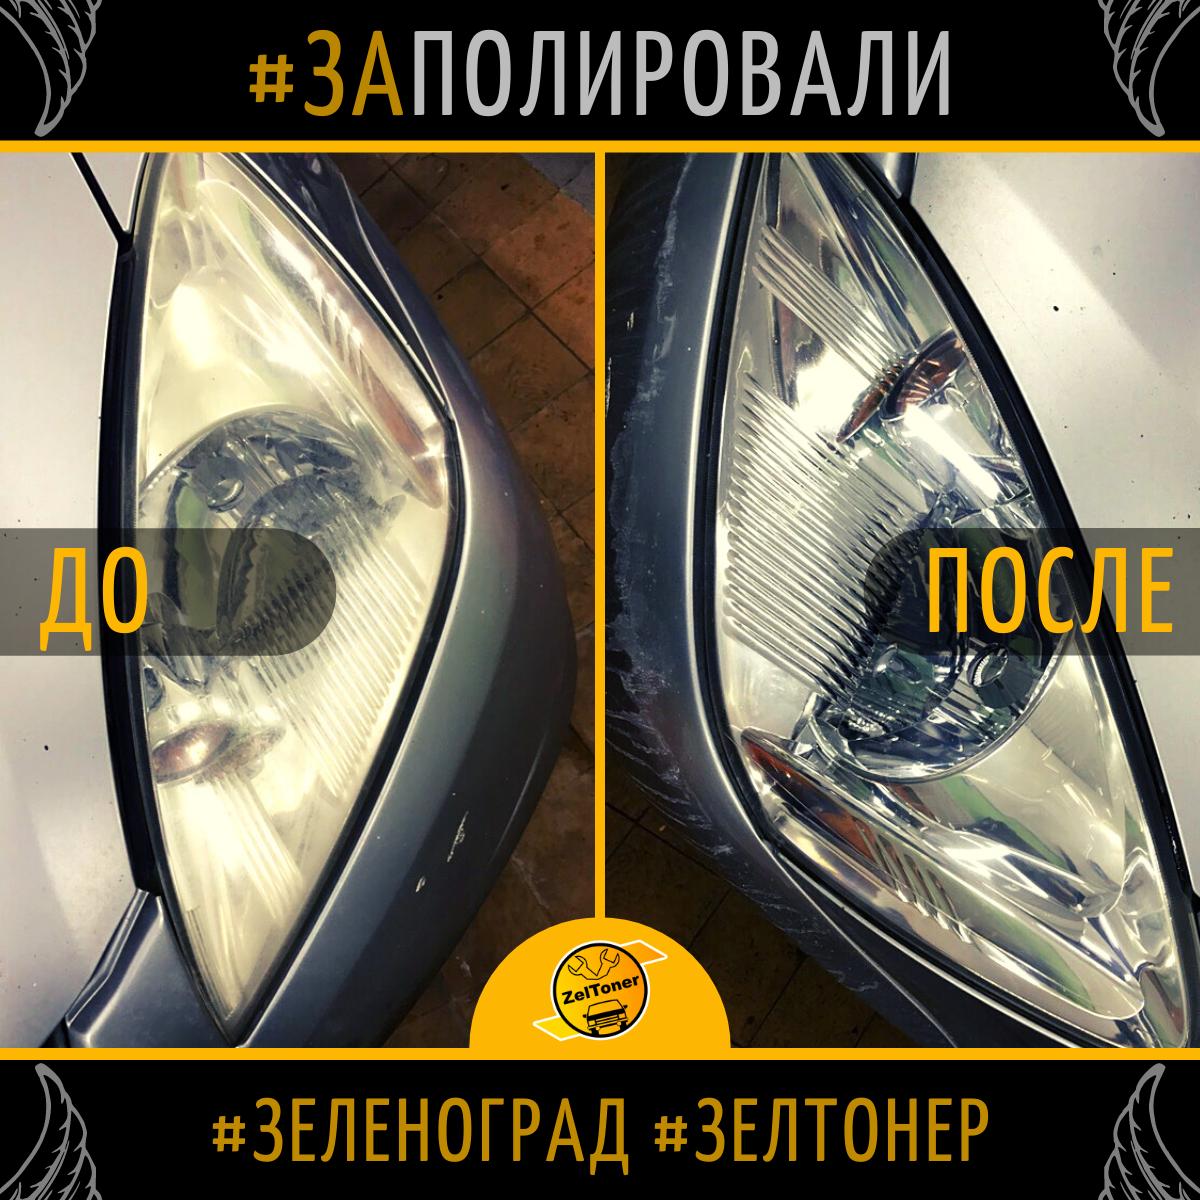 Полировка оптики на автомобиле.